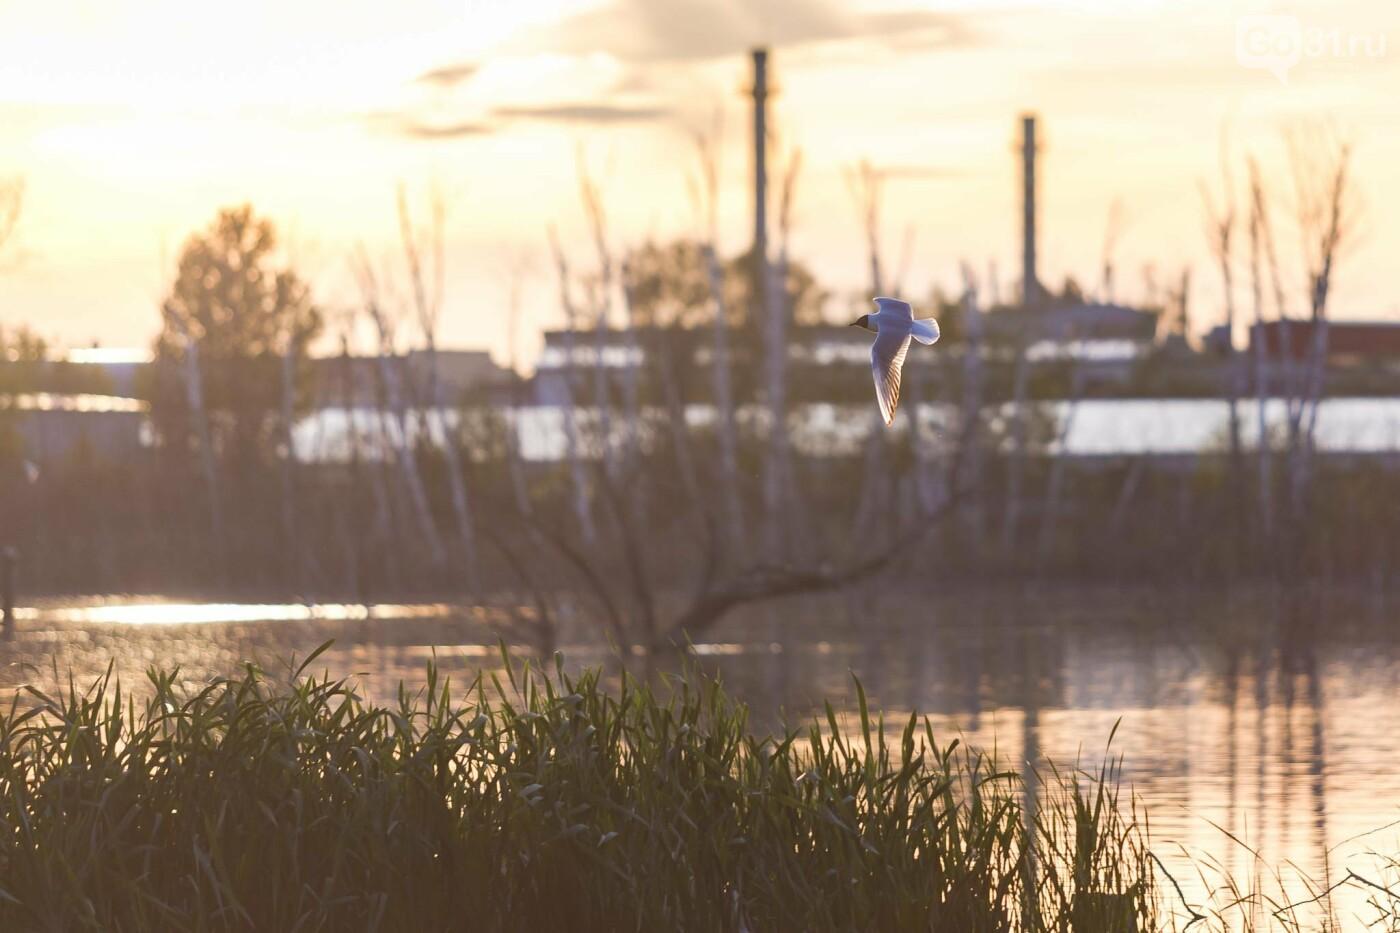 Пролетая над озером. В Белгороде чайки выбрали удобное место обитания, фото-29, Фото: Антон Вергун